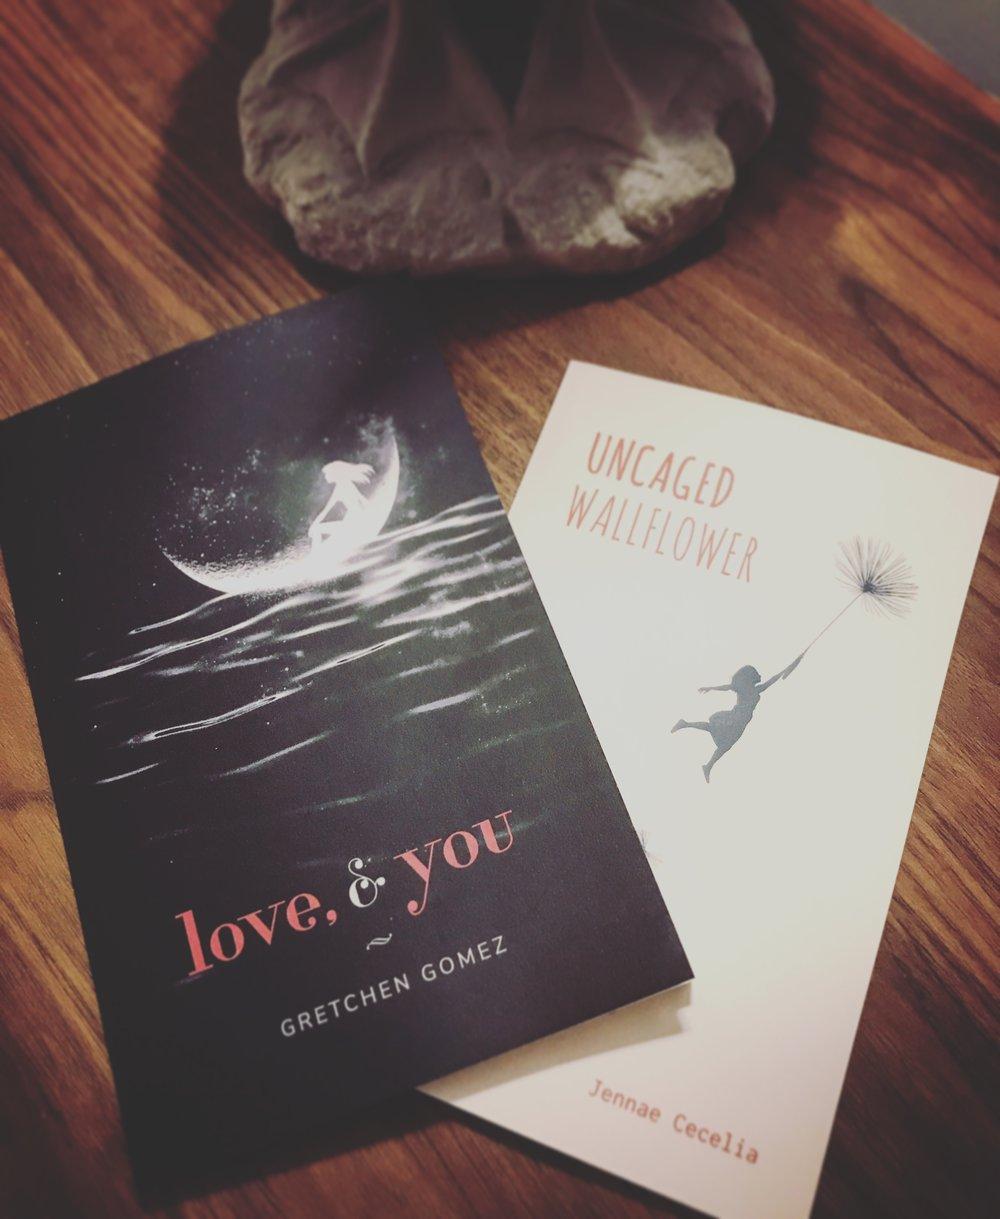 LOVE & YOU: GRETCHEN GOMEX / UNCAGED WALLFLOWER: JENNAE CECILIA